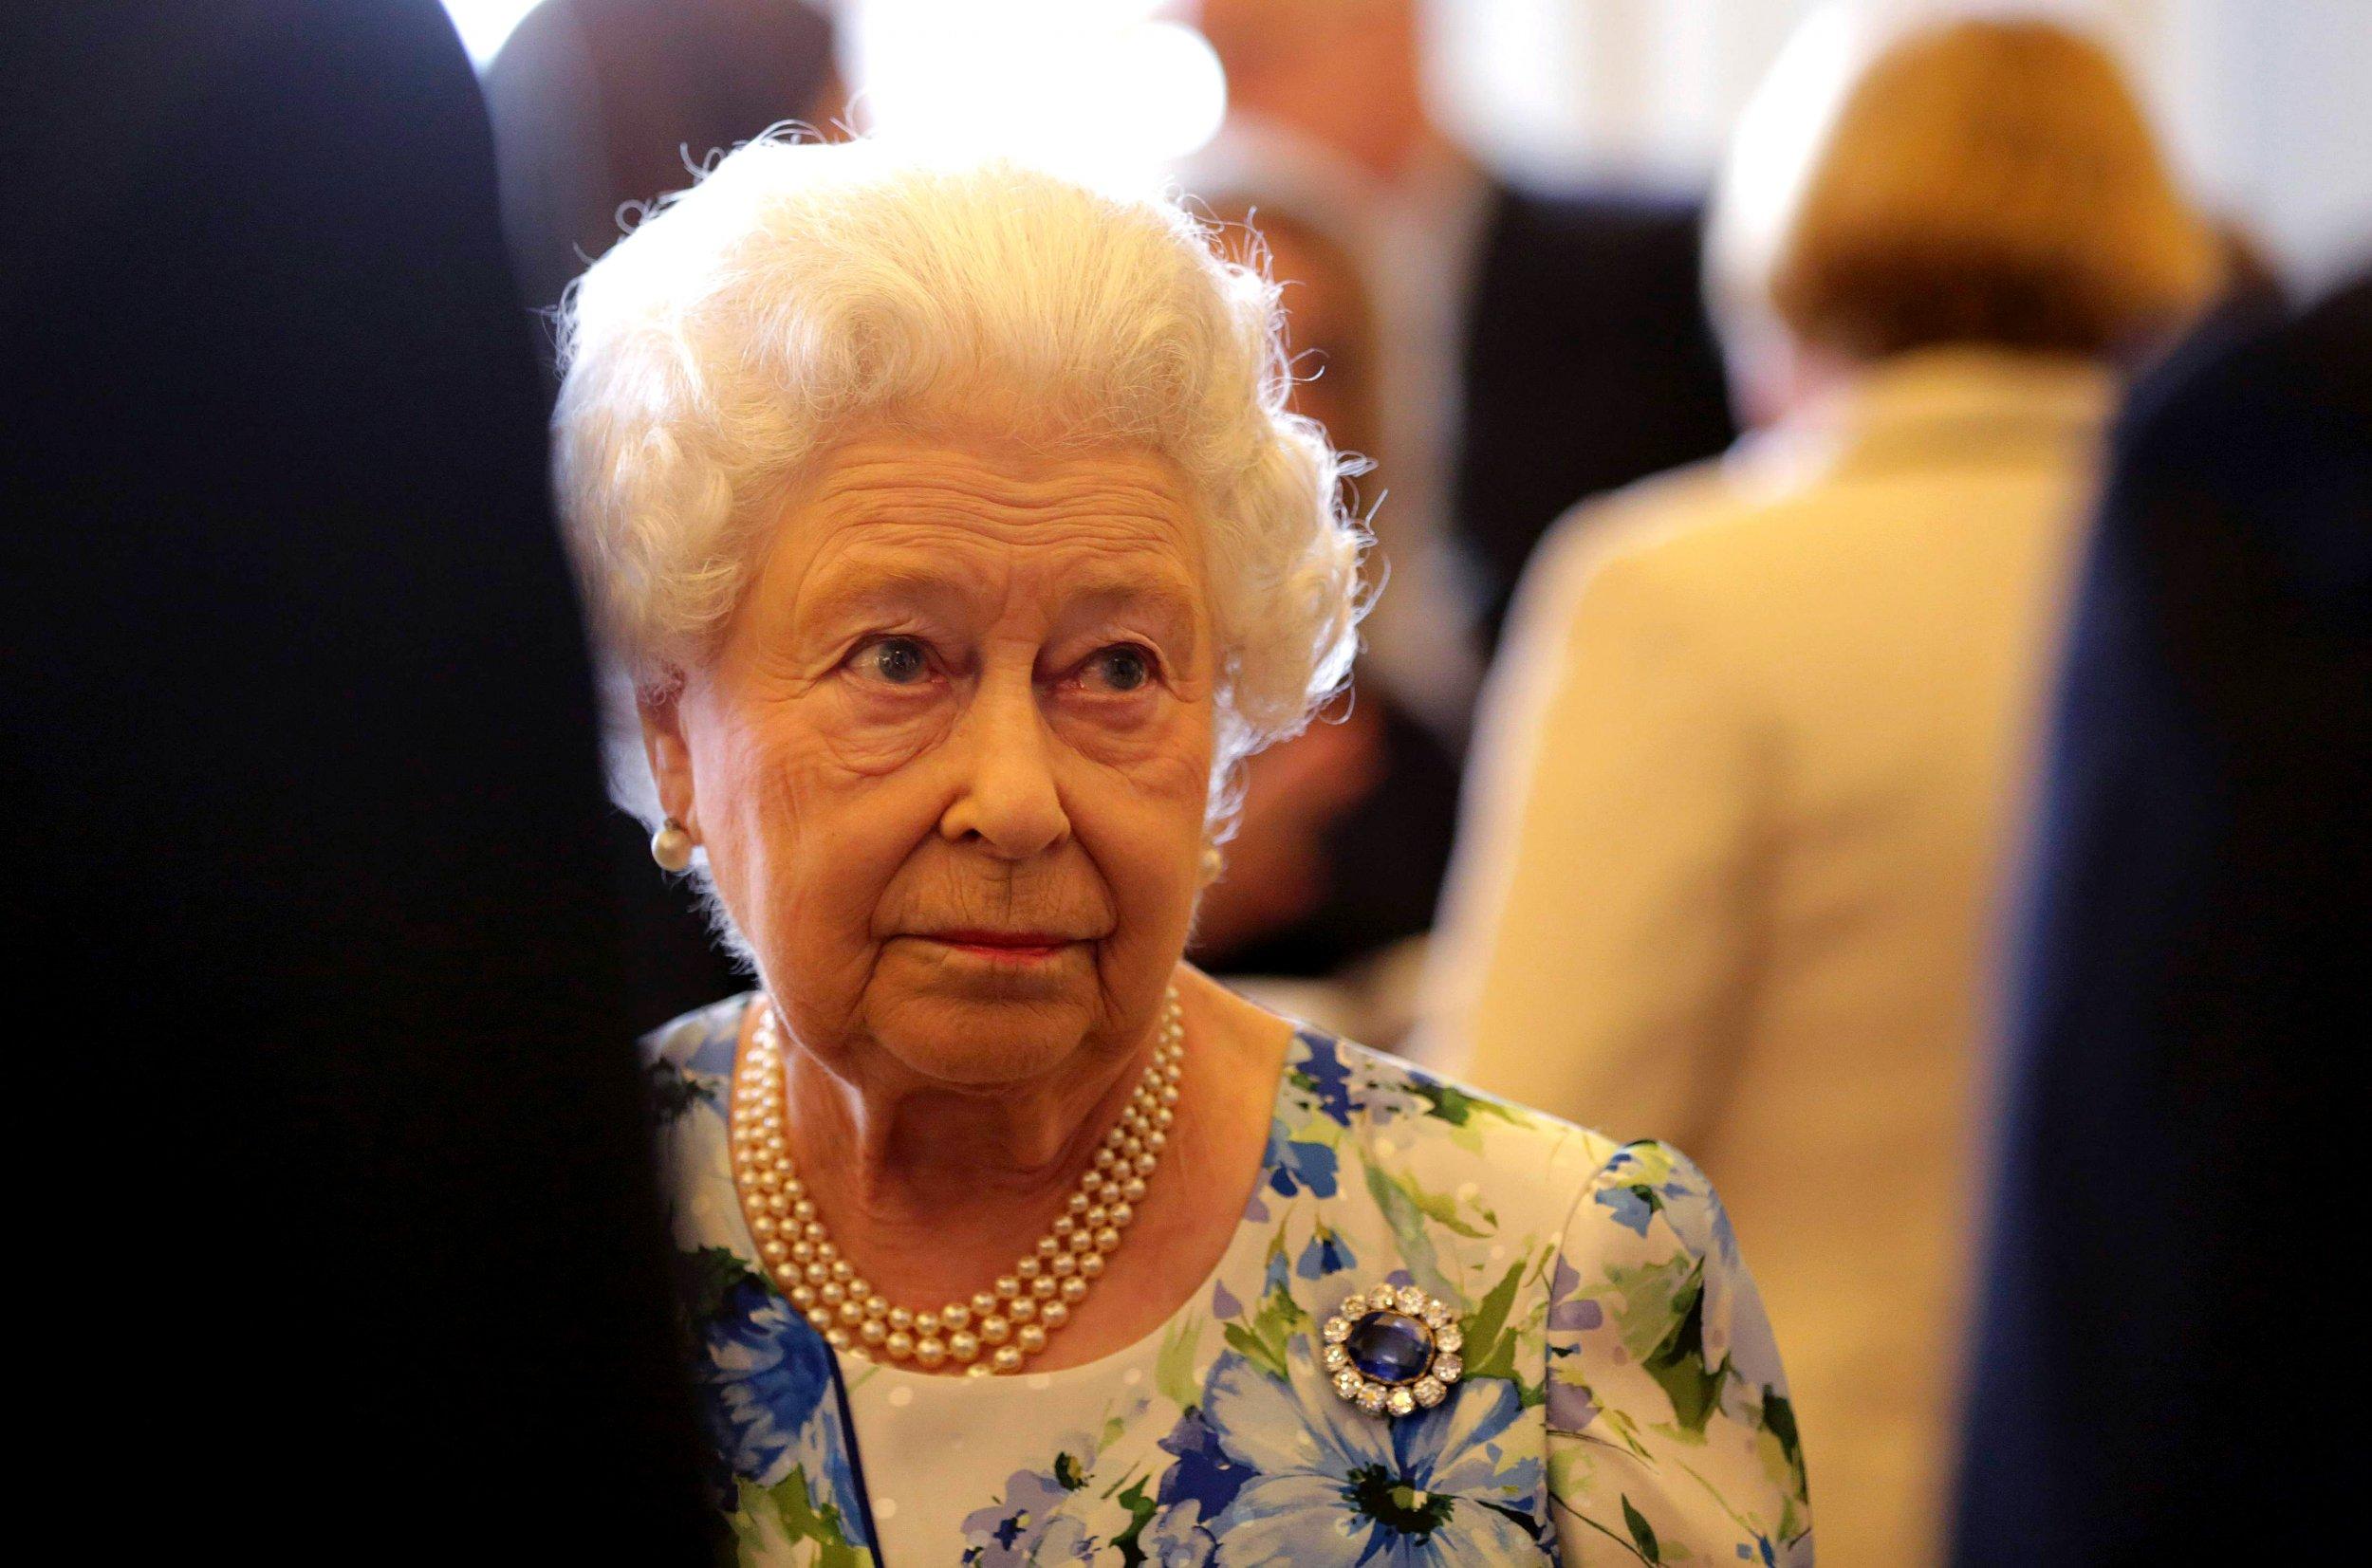 Queen Elizabeth II speaks to David Cameron